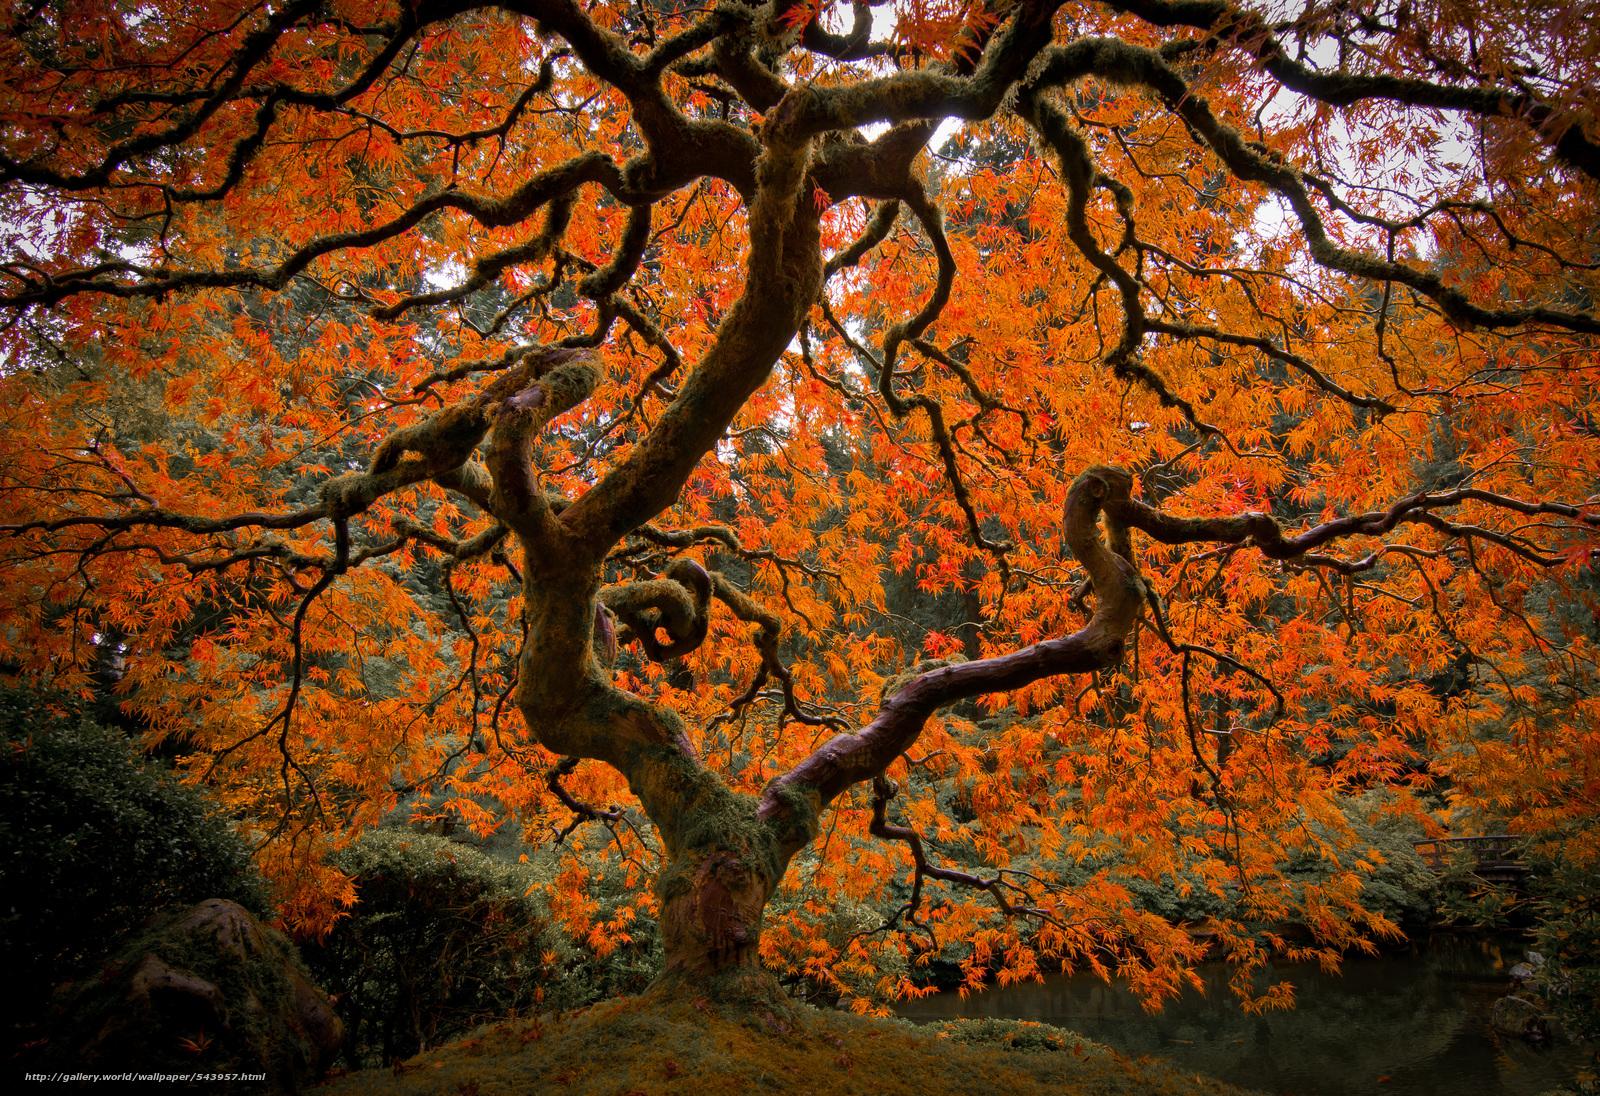 Tlcharger fond d 39 ecran jardin japonais portland arbres for Arbres jardin japonais